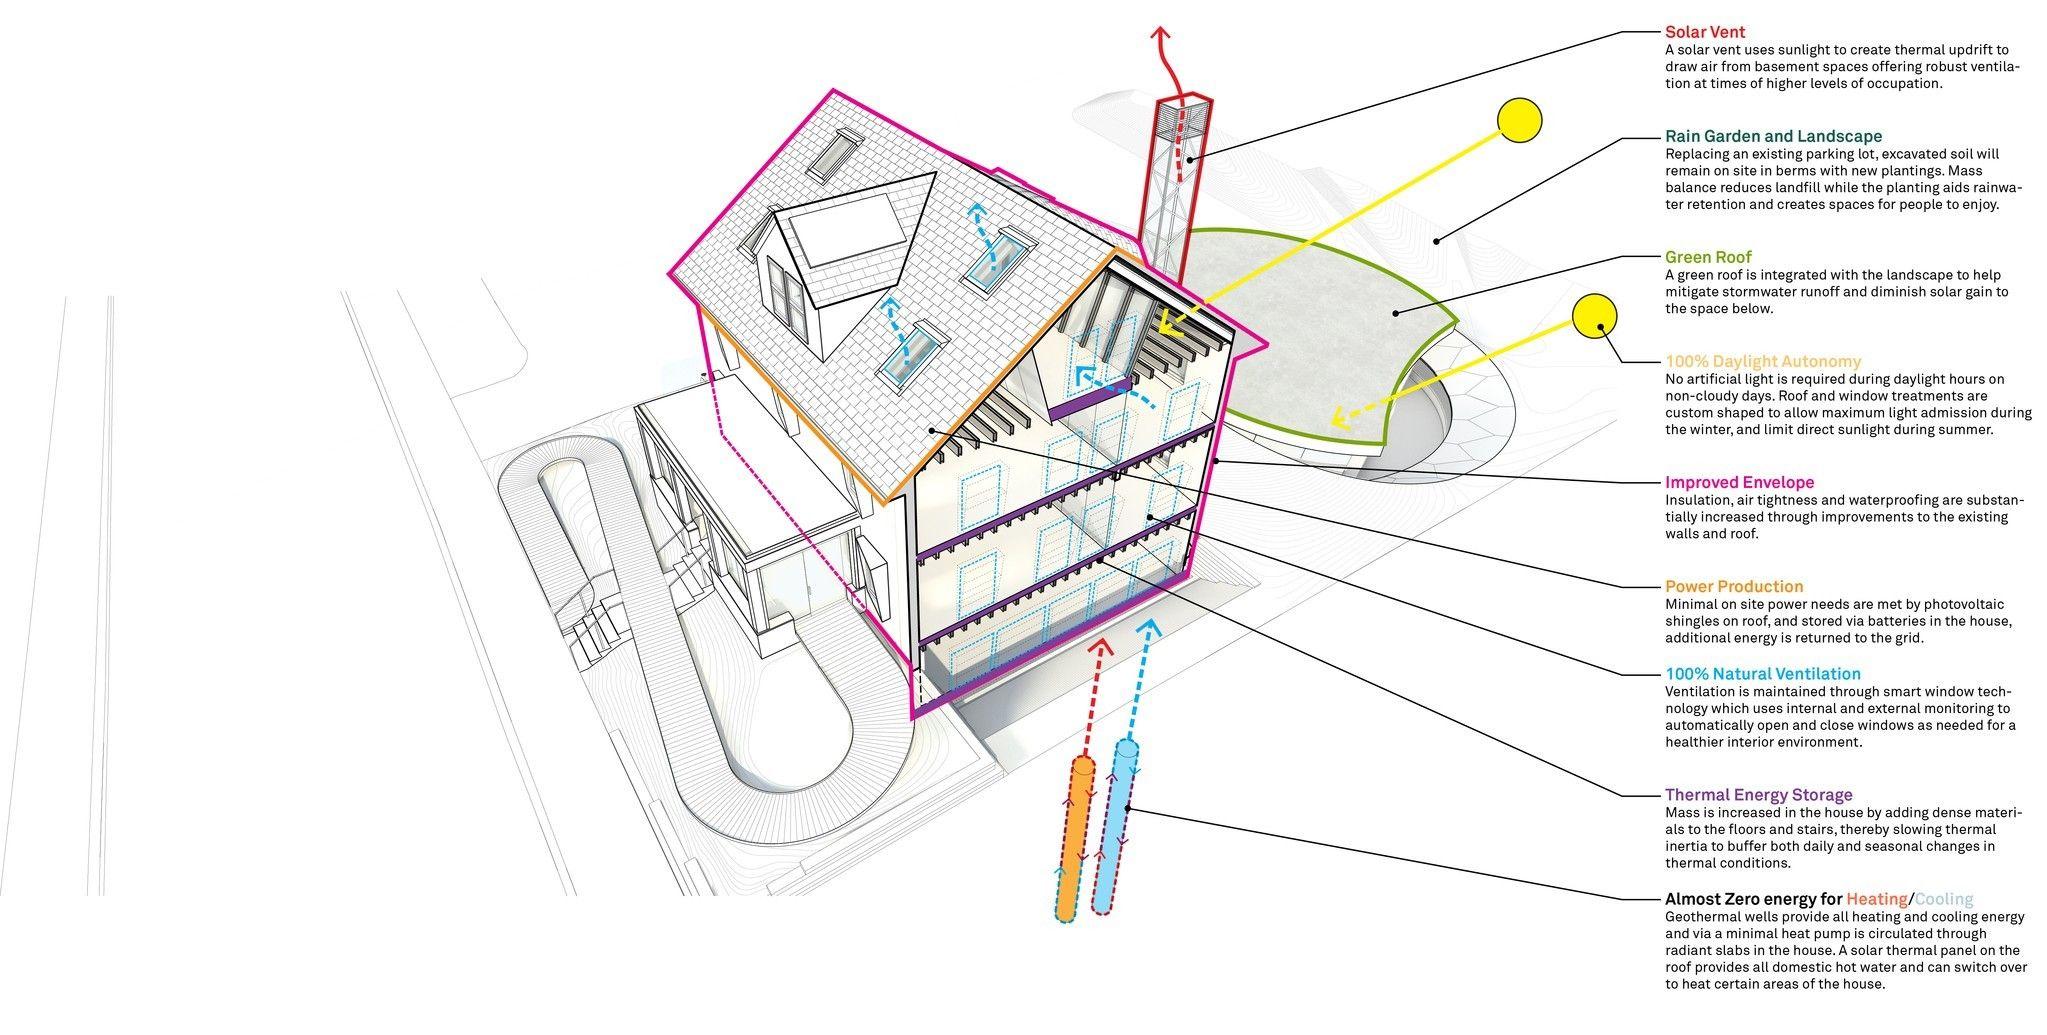 Pin Von Taras Senkiv Auf Sketch Gruner Pudding Energie Hering